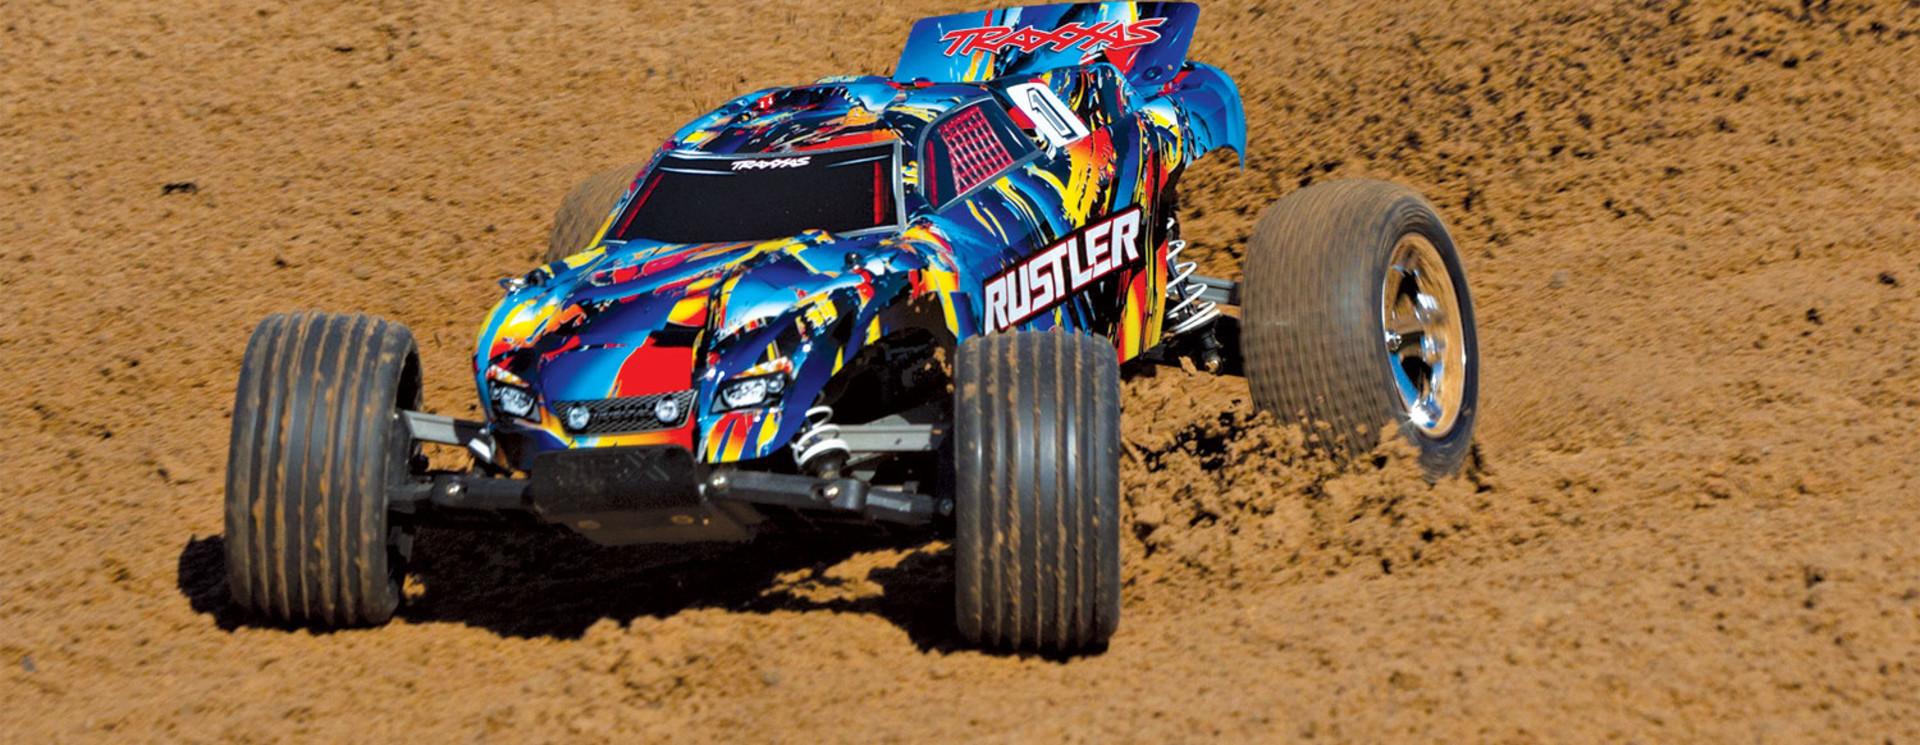 Parts Rustler 2wd